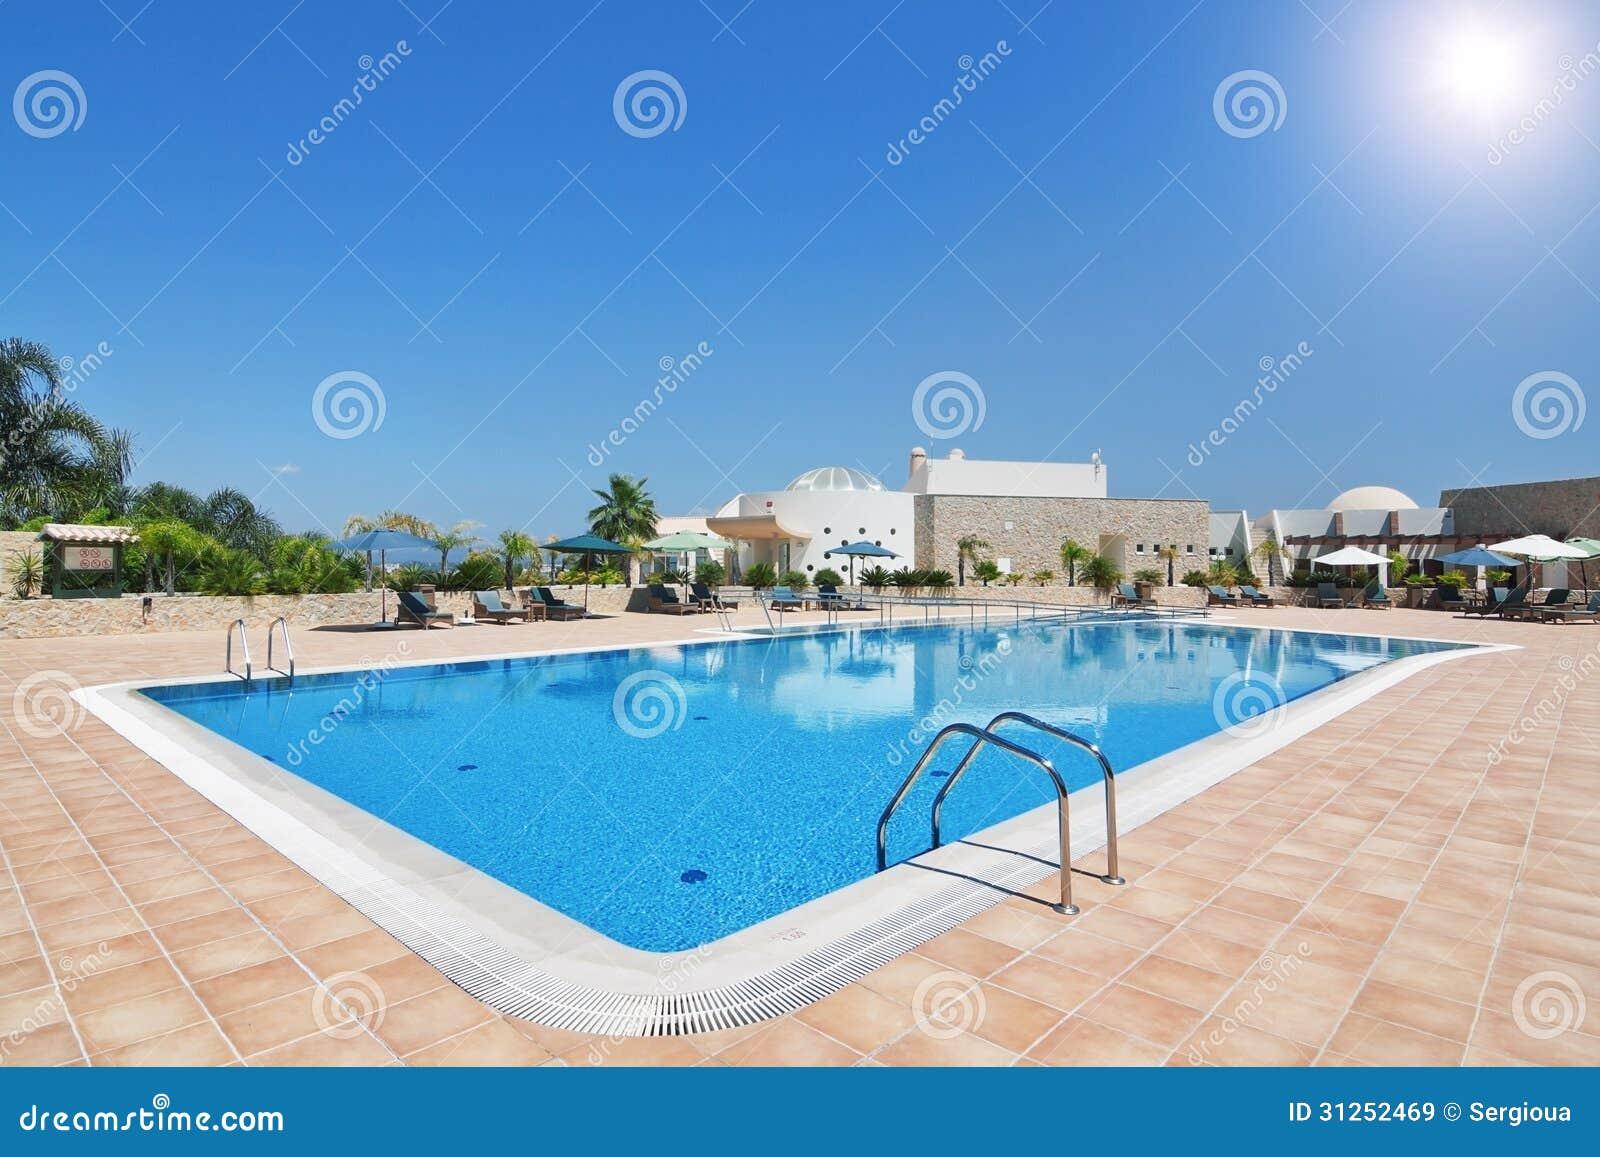 Beaux piscine et h tel pendant des vacances avec la - Hotel porto portugal avec piscine ...